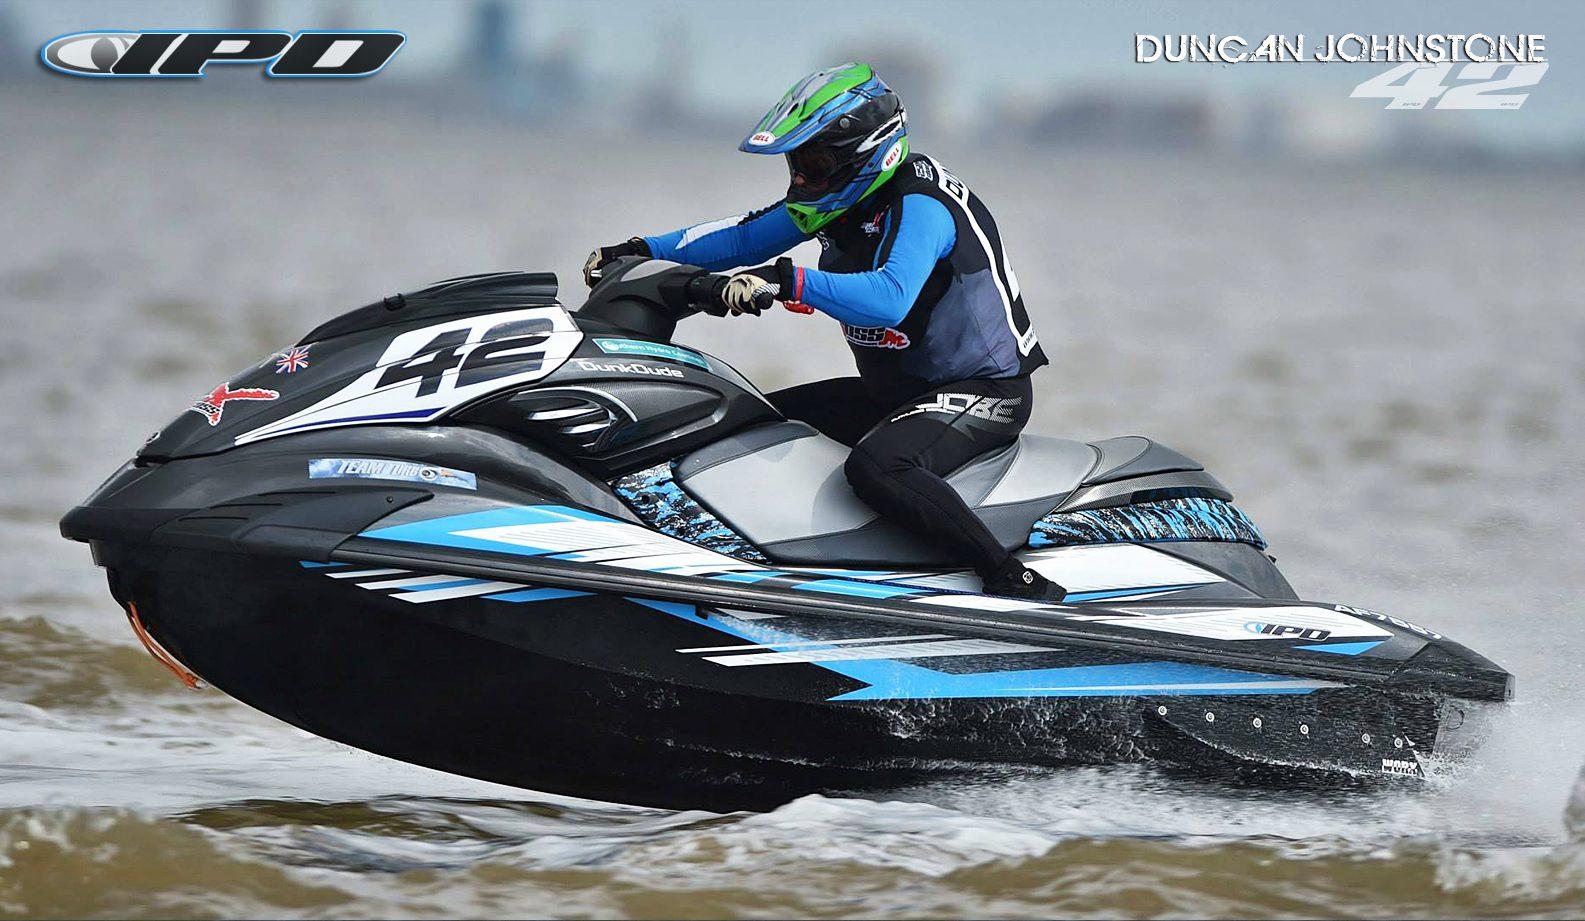 Yamaha boat graphics ipd jet ski graphics for Yamaha jet skis